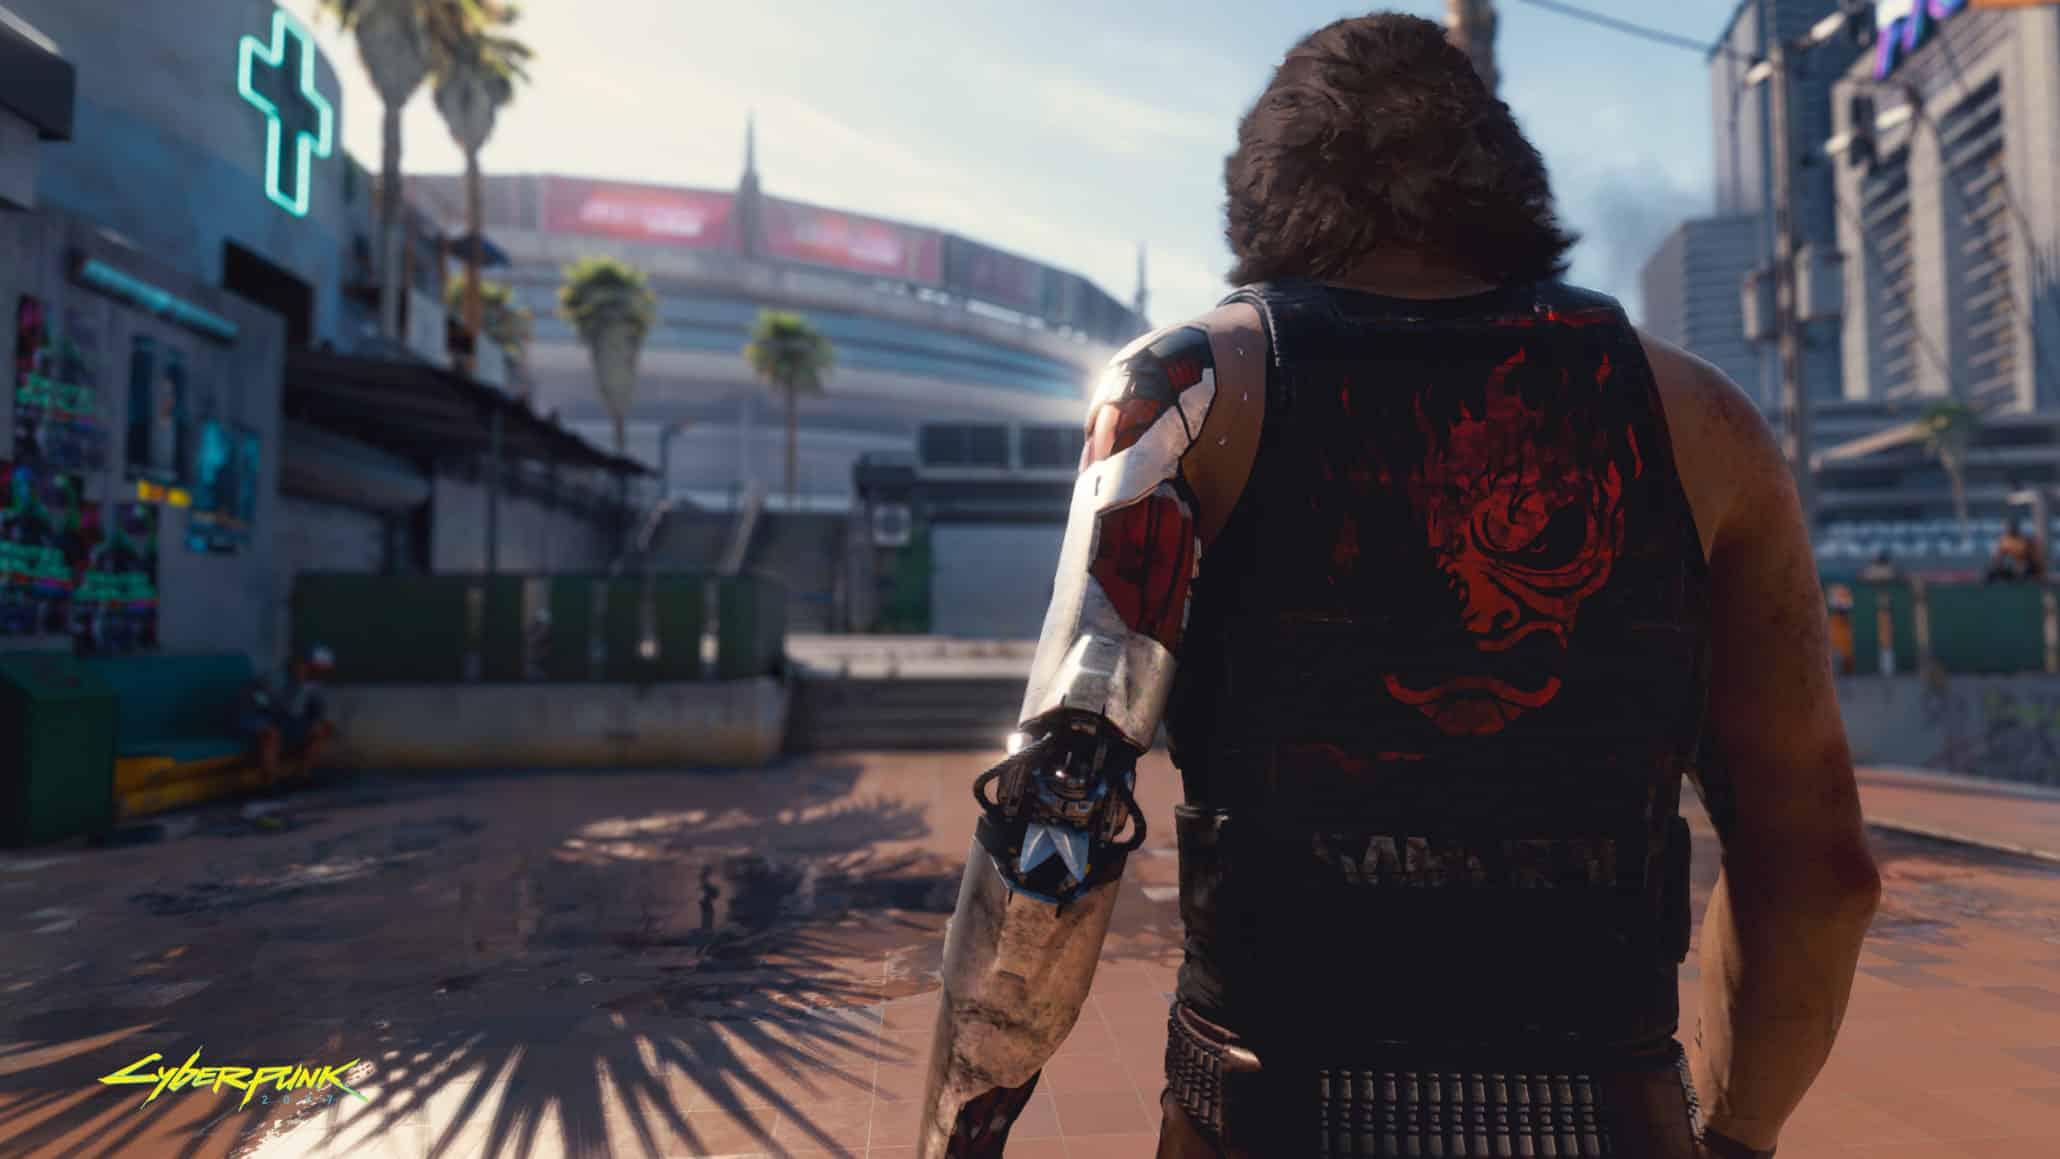 Melhores Jogos para PC: Confira os mais aguardados para 2020